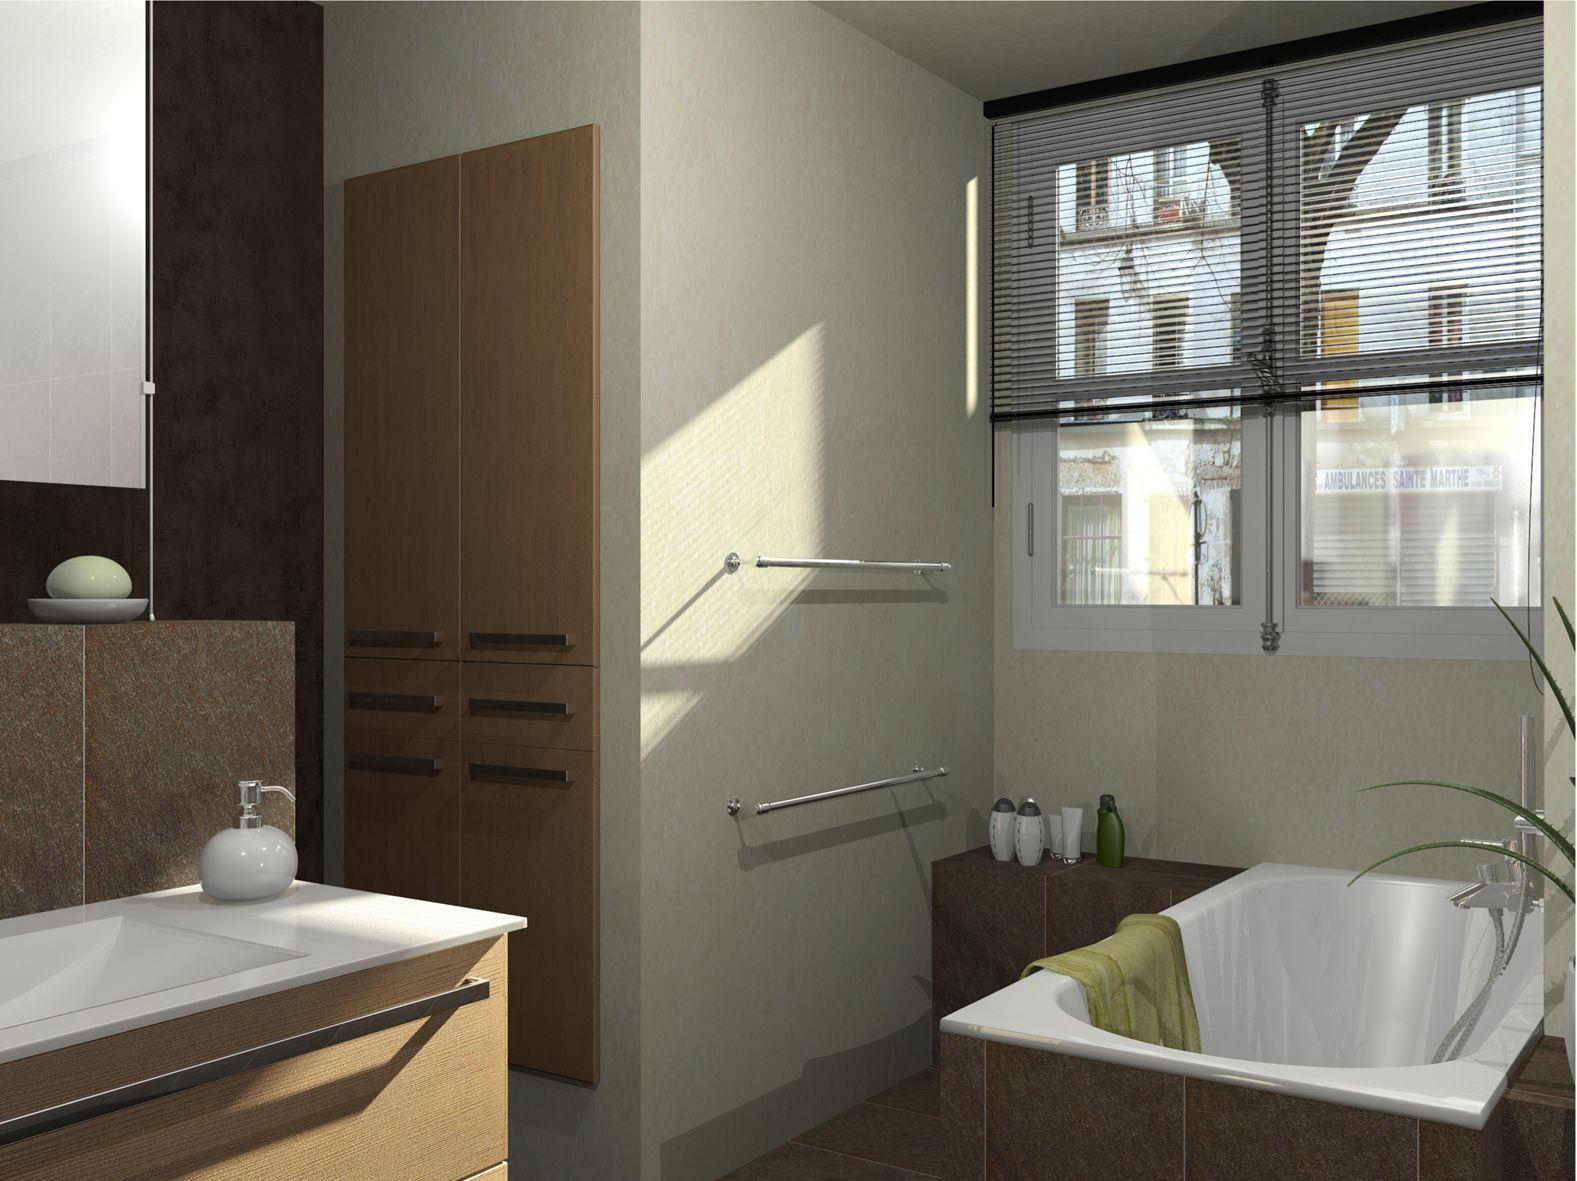 Album Salle De Bains 2012 Architecture Du Bain Salle De Bain Idee Salle De Bain Rangement Maison